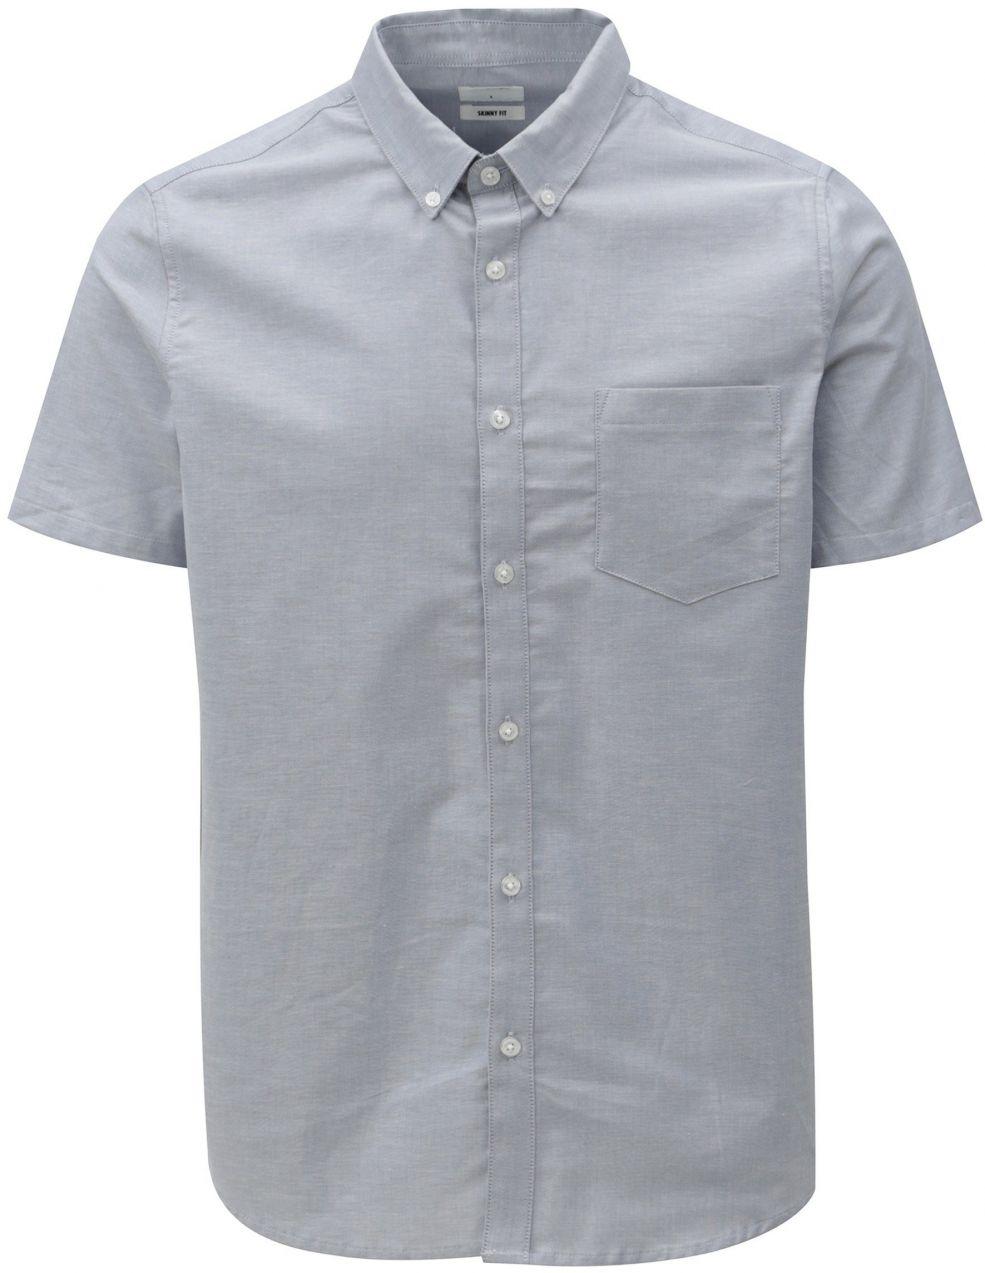 fafb2c7157f4 Svetlomodrá skinny fit košeľa Burton Menswear London značky Burton ...